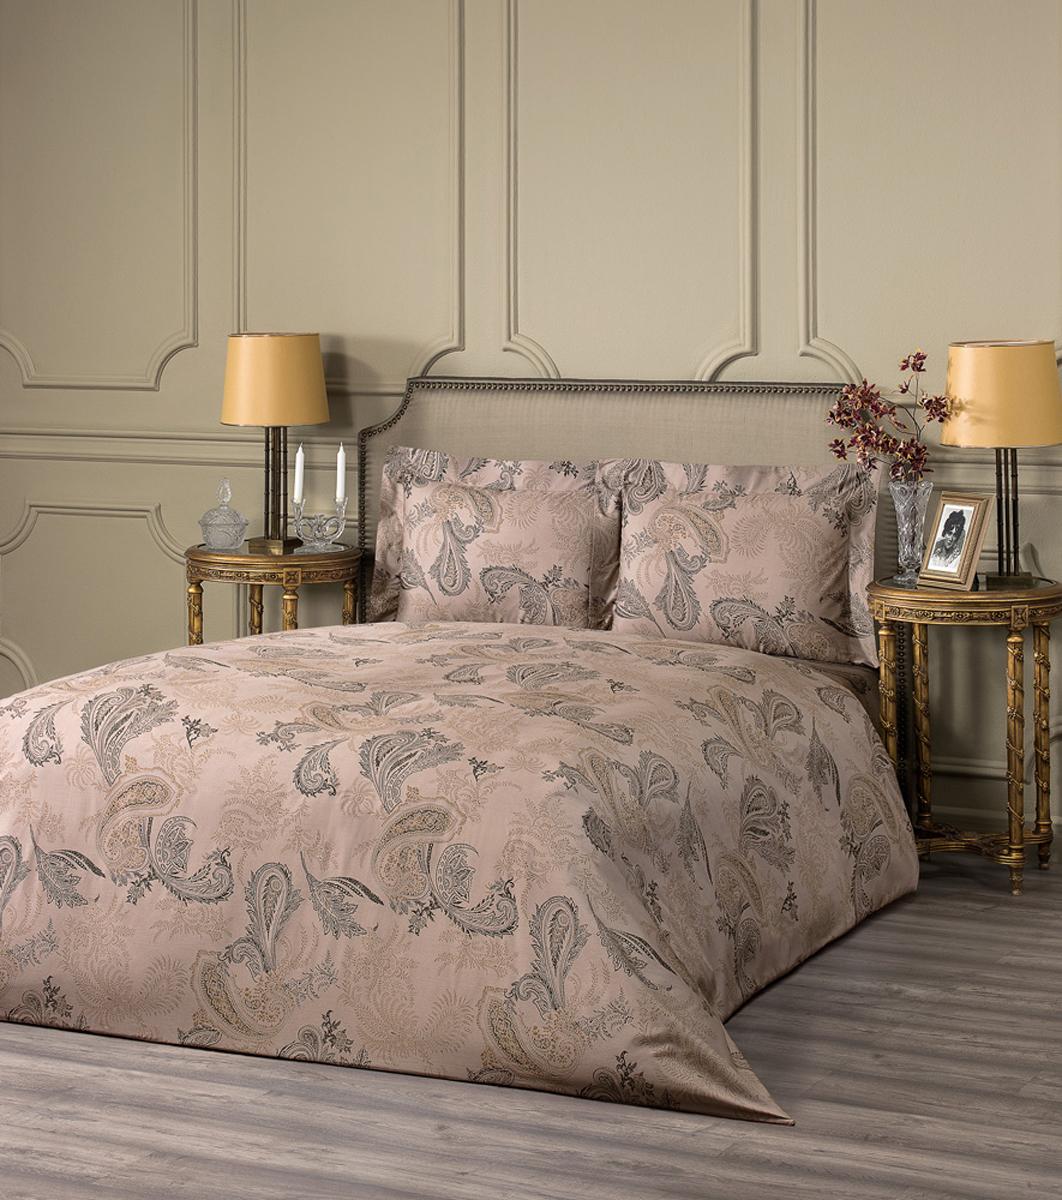 """Комплект белья Estia """"Пьетра"""", 1,5-спальный, наволочки 50x70, цвет: коричневый"""